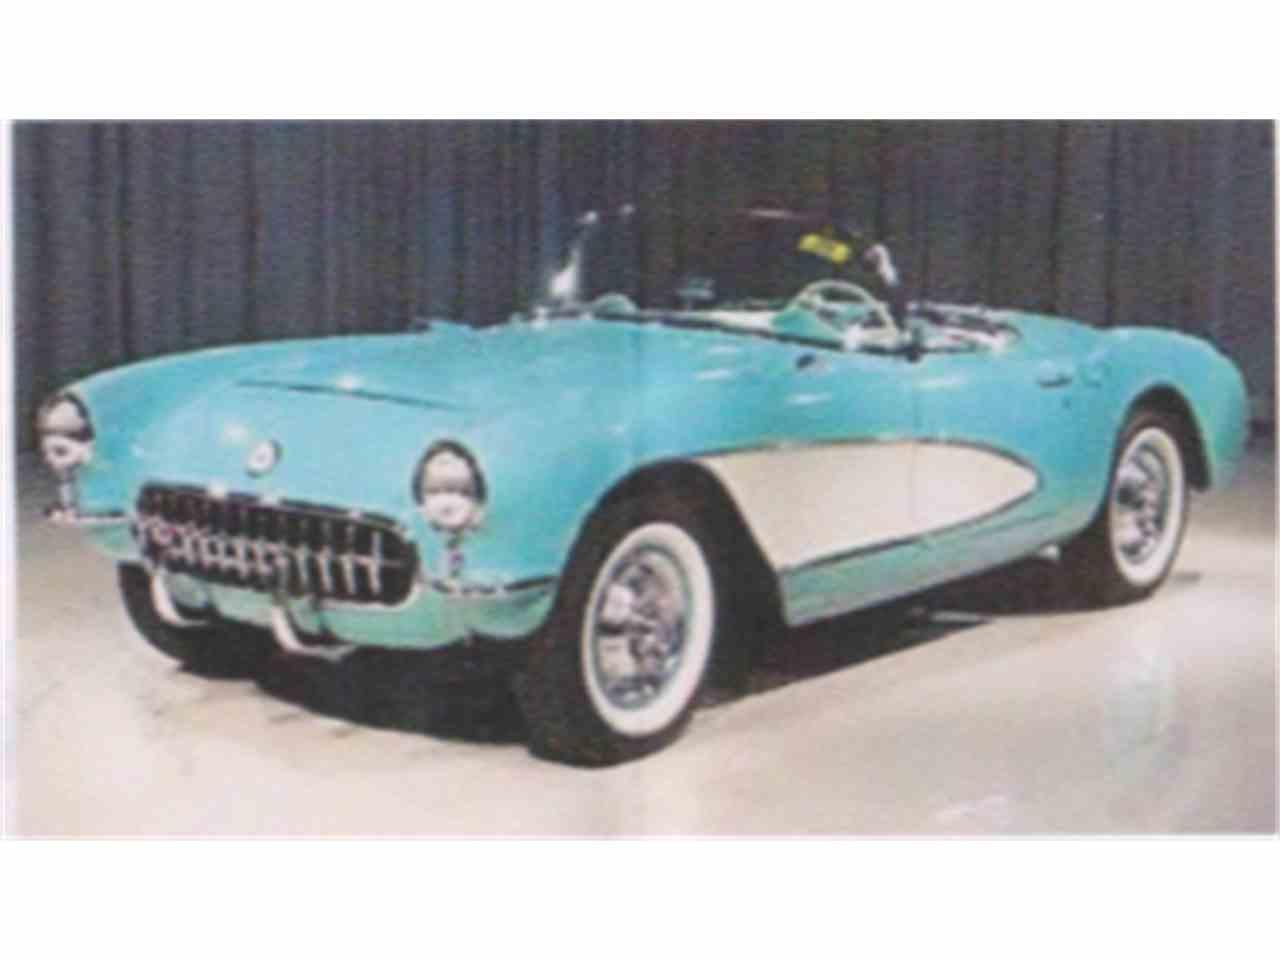 1957 chevrolet corvette for sale on classiccars com 31 - 1957 Chevrolet Corvette 922544